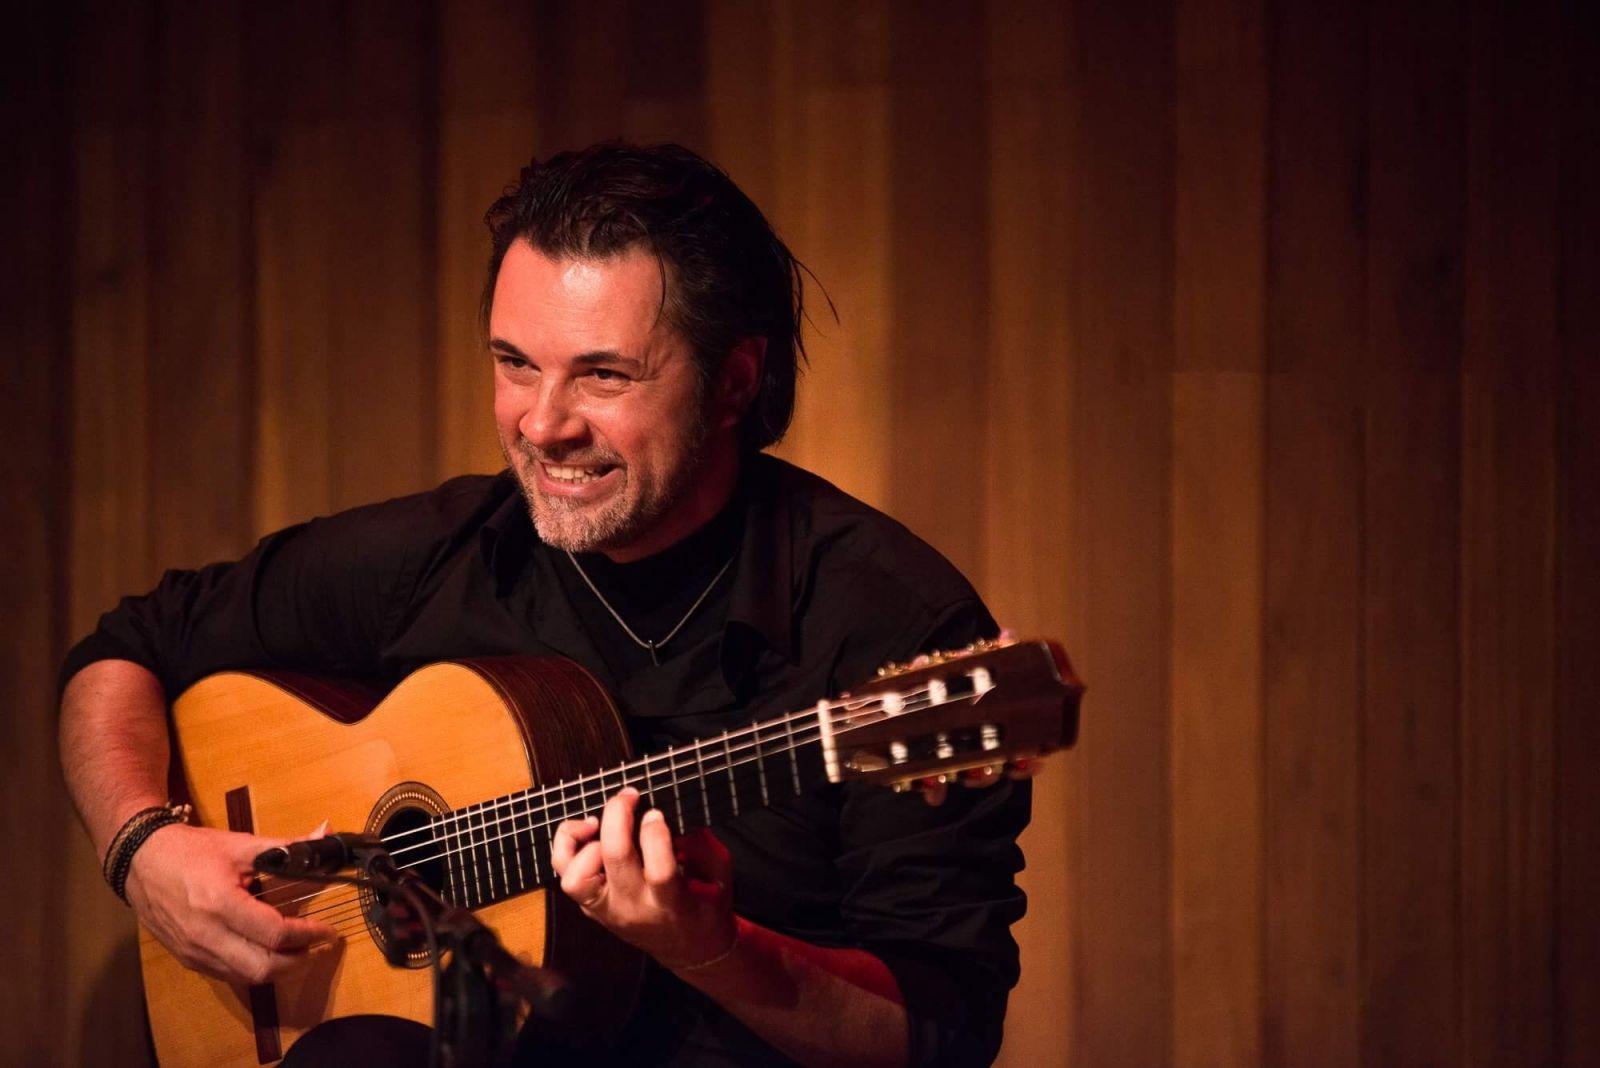 Flamenco, luthiers, carreira internacional e escolas são temas de palestras grátis sobre violão - foto Fernando de La Rua